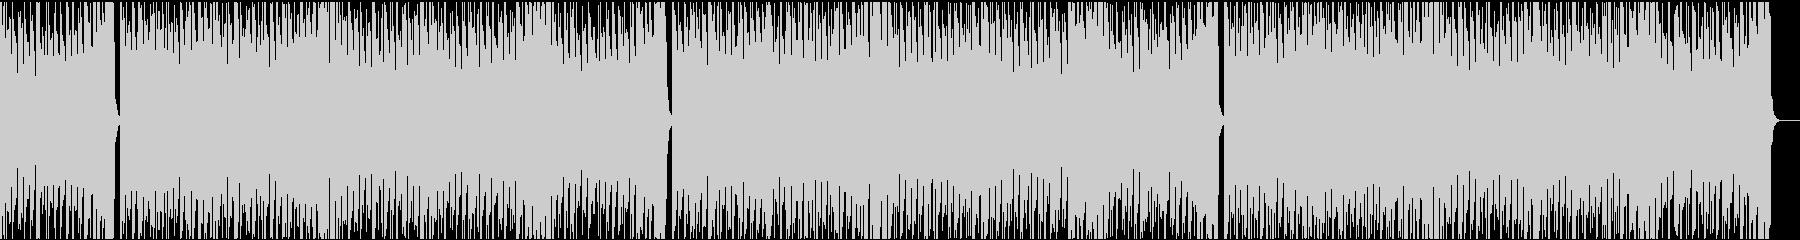 13秒でサビ、不安定、電子音ダークの未再生の波形